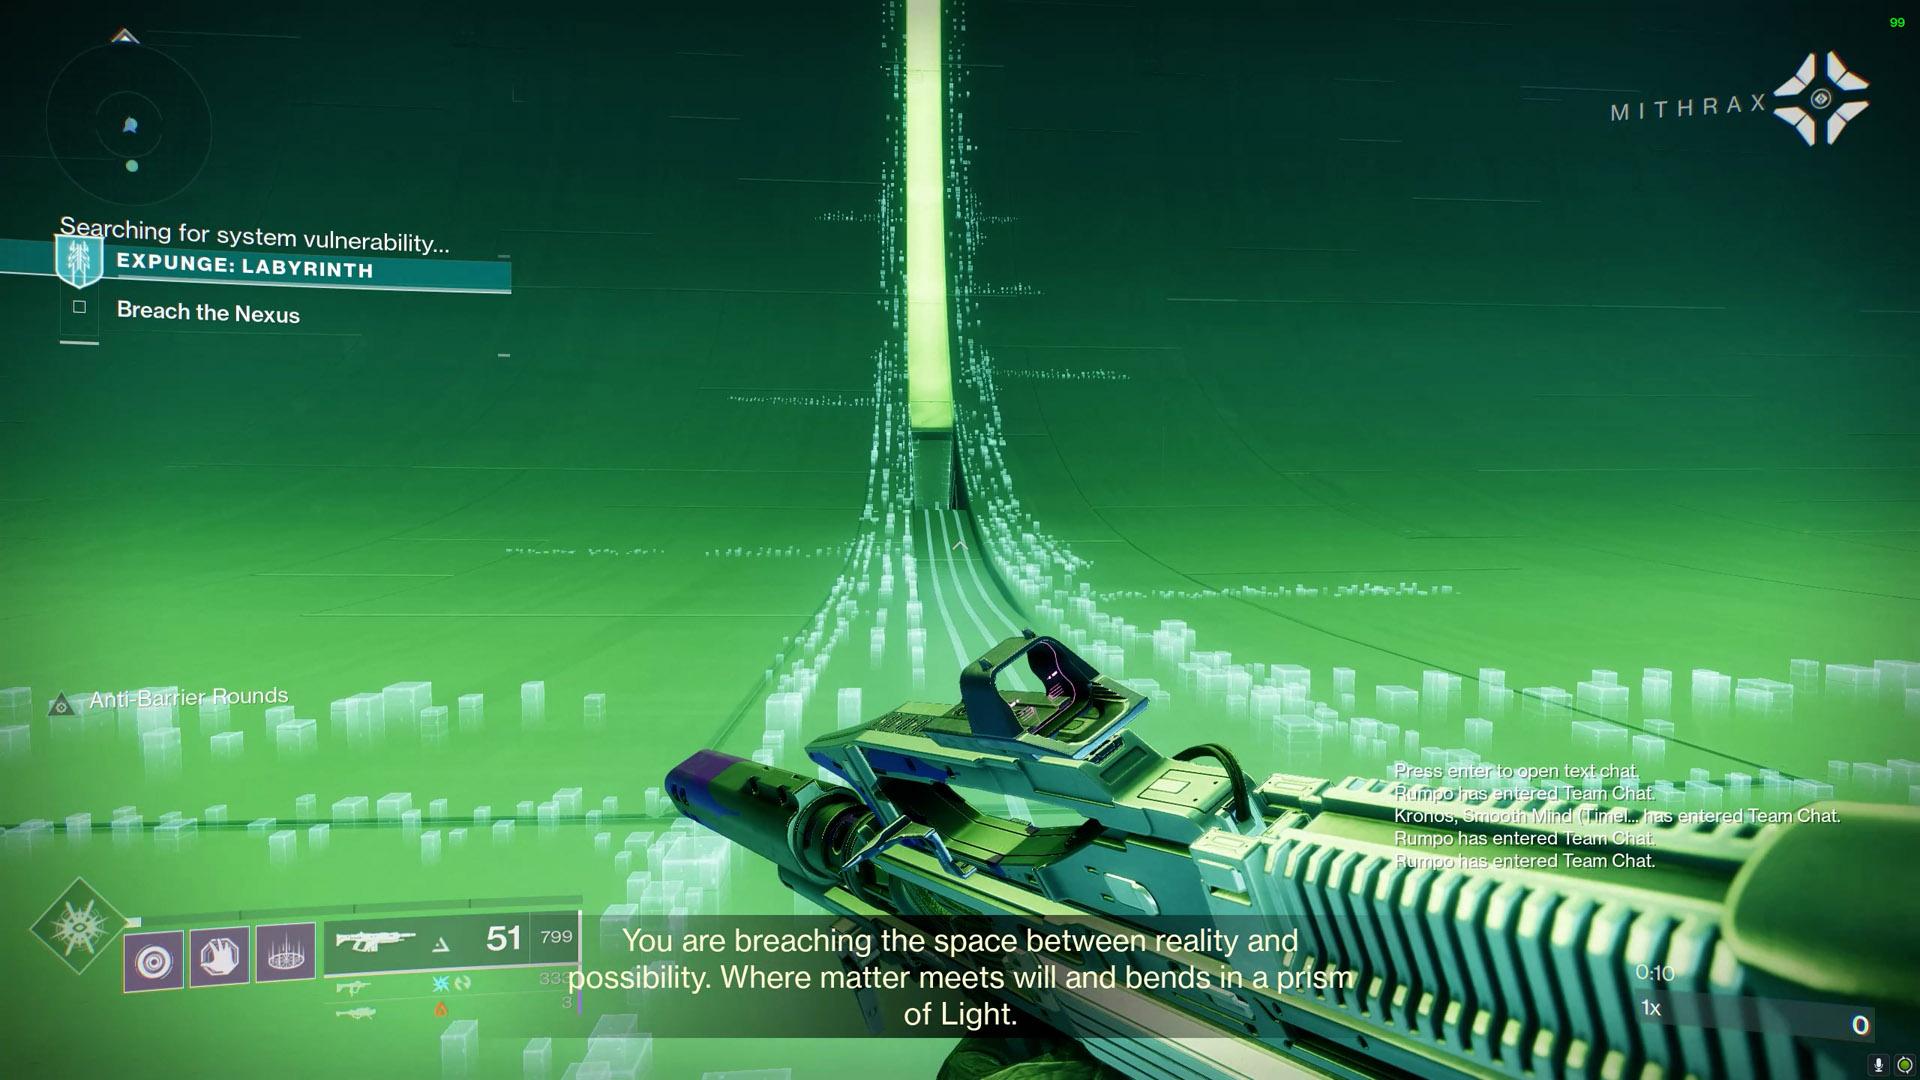 destiny 2 expunge mission launch